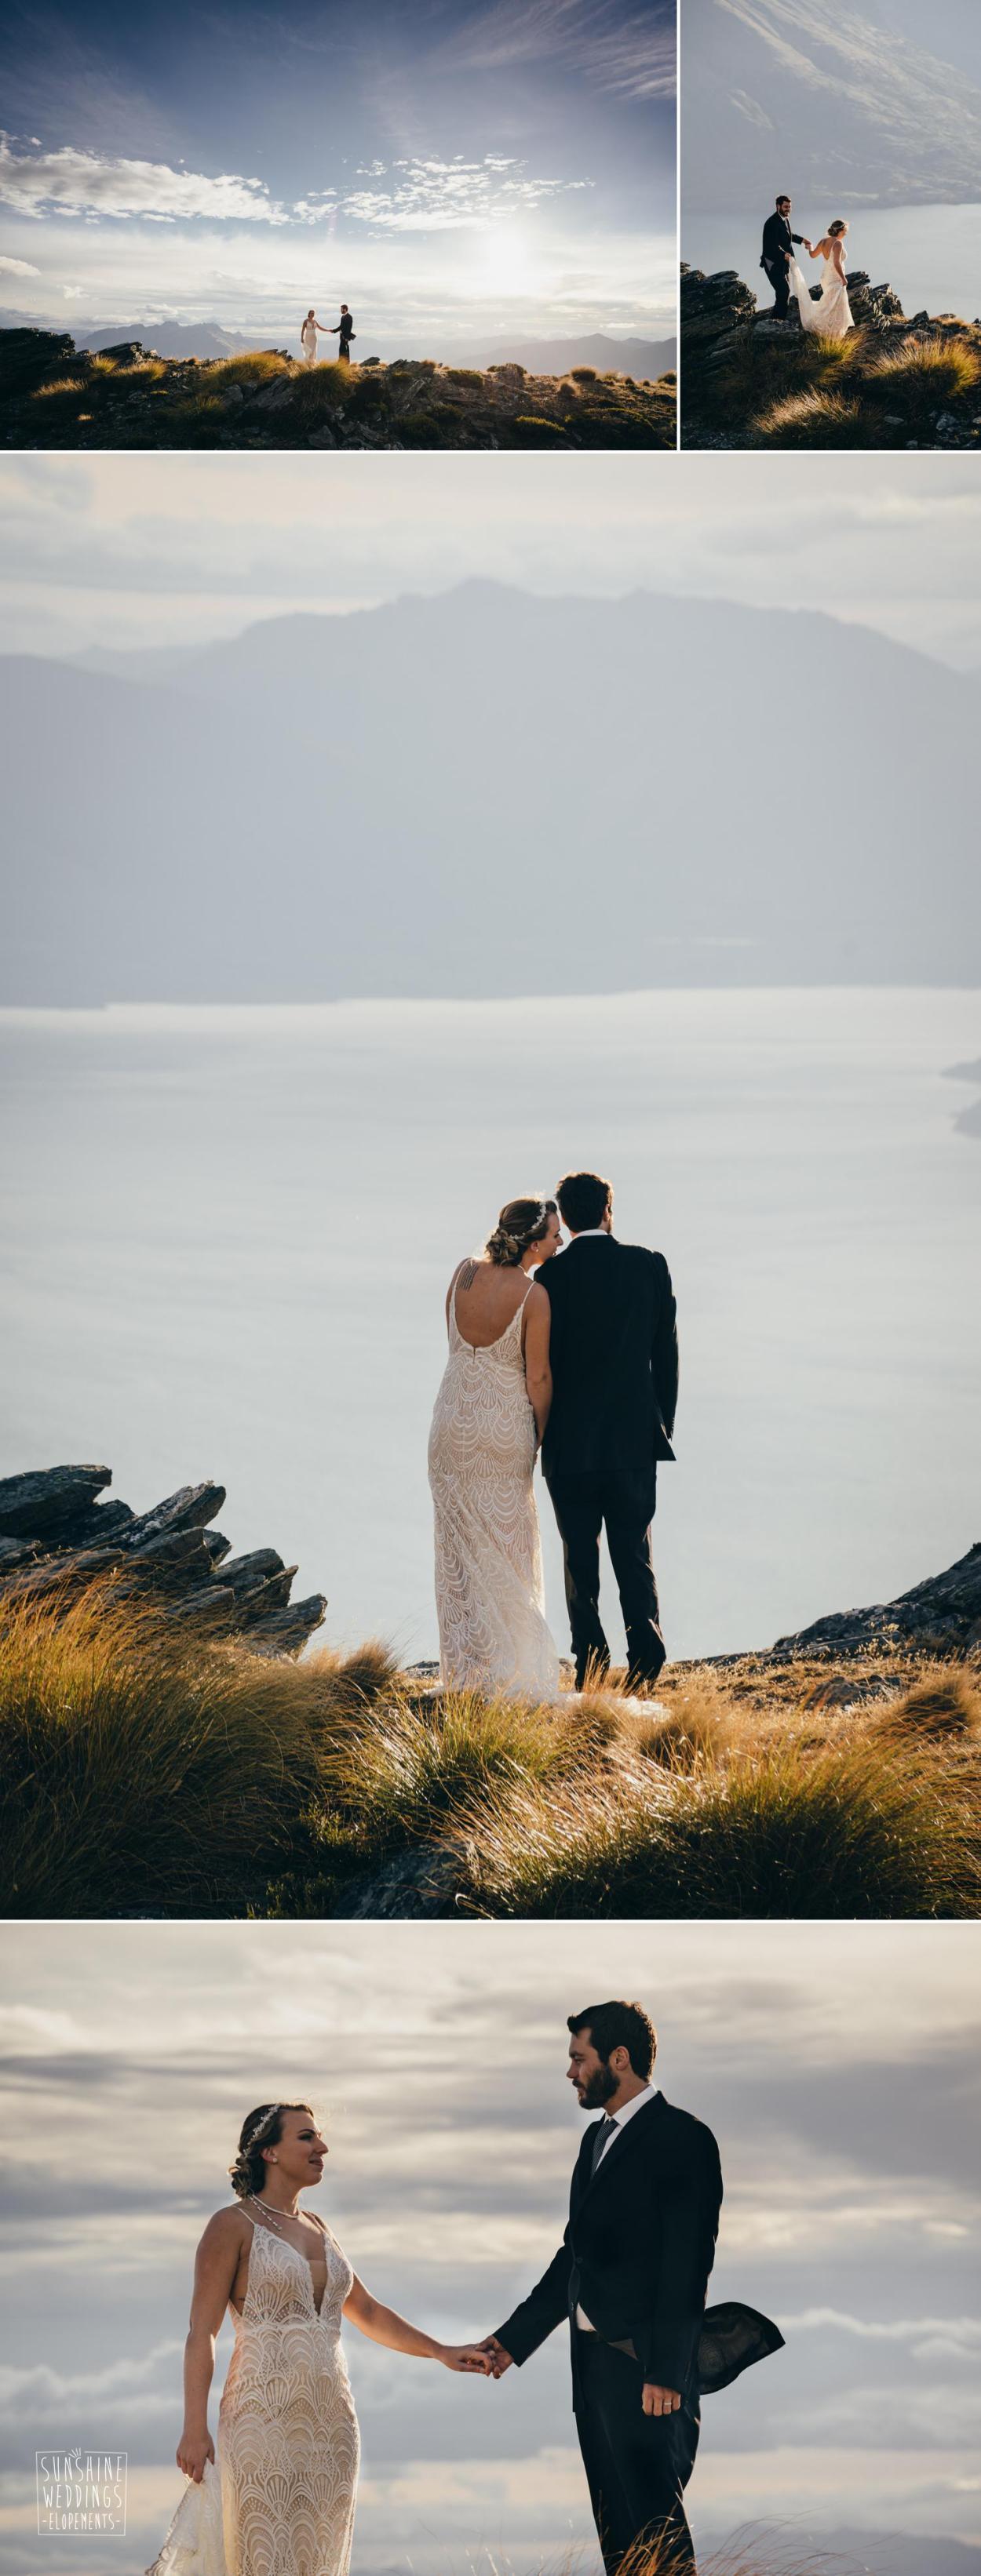 Lake Wakatipu mountain view